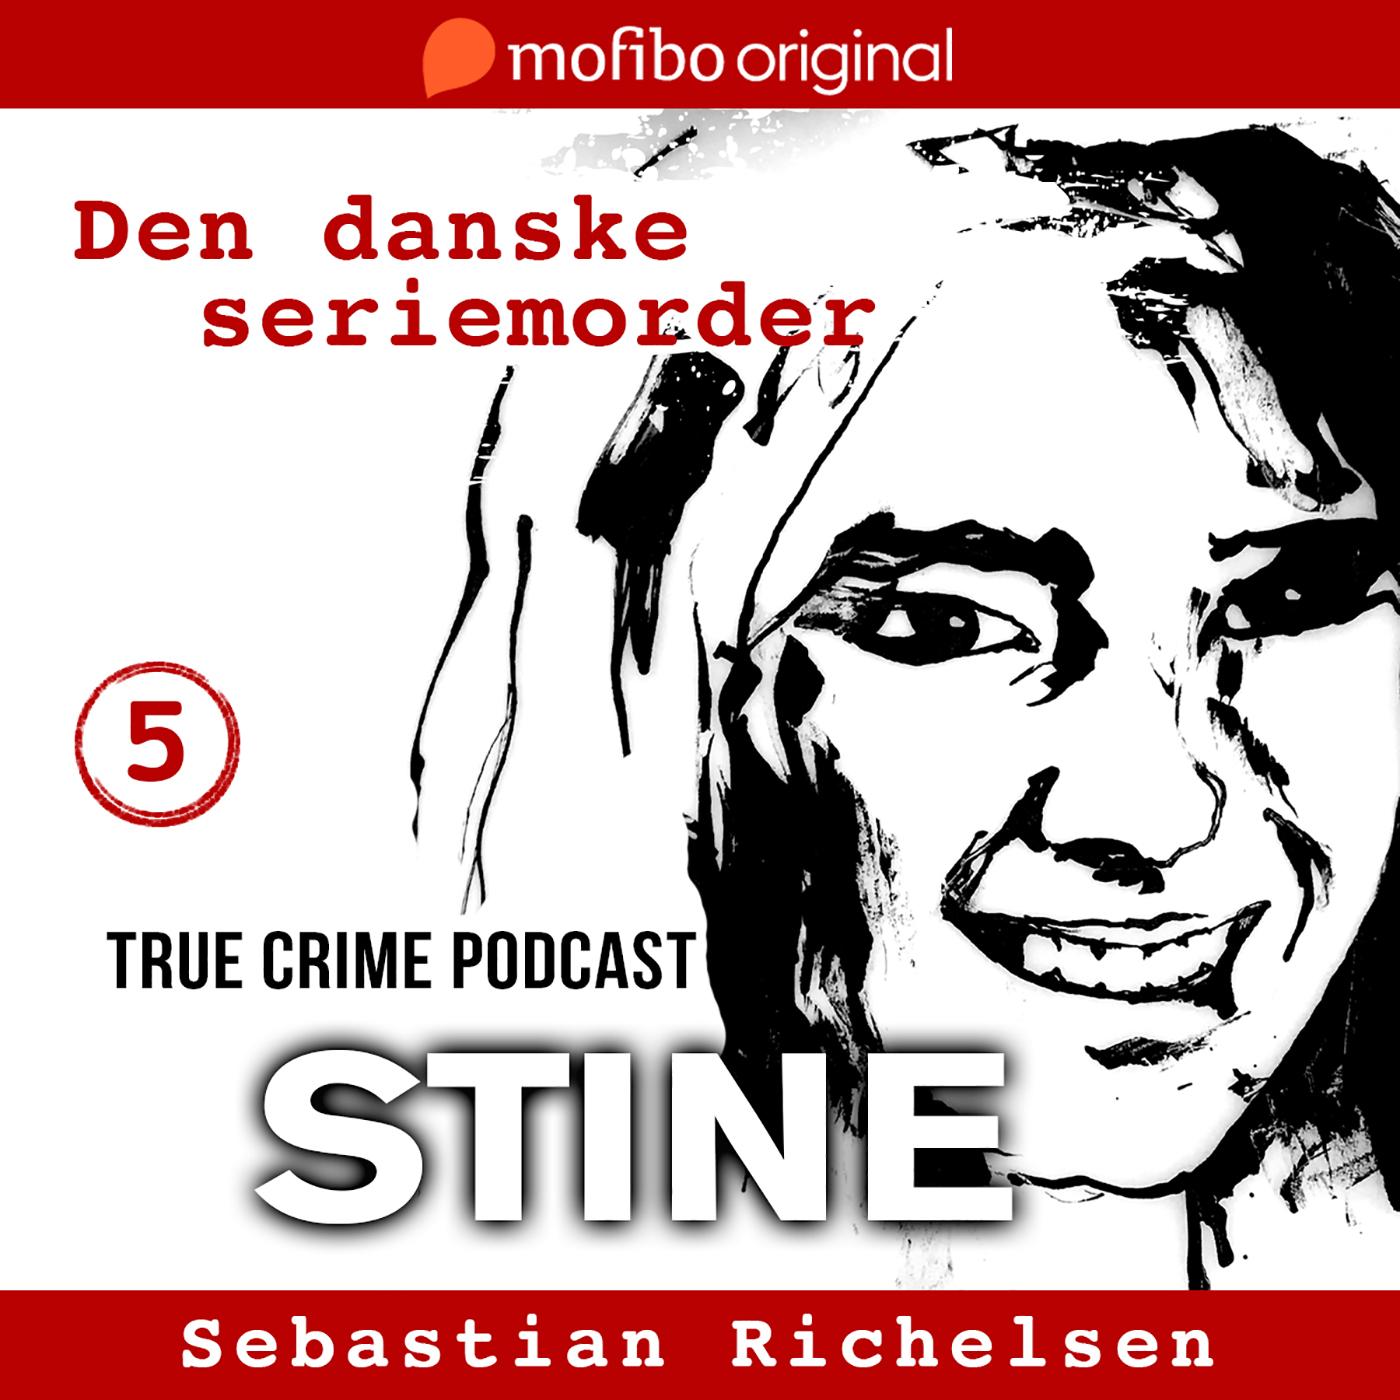 Episode 5 - Stine